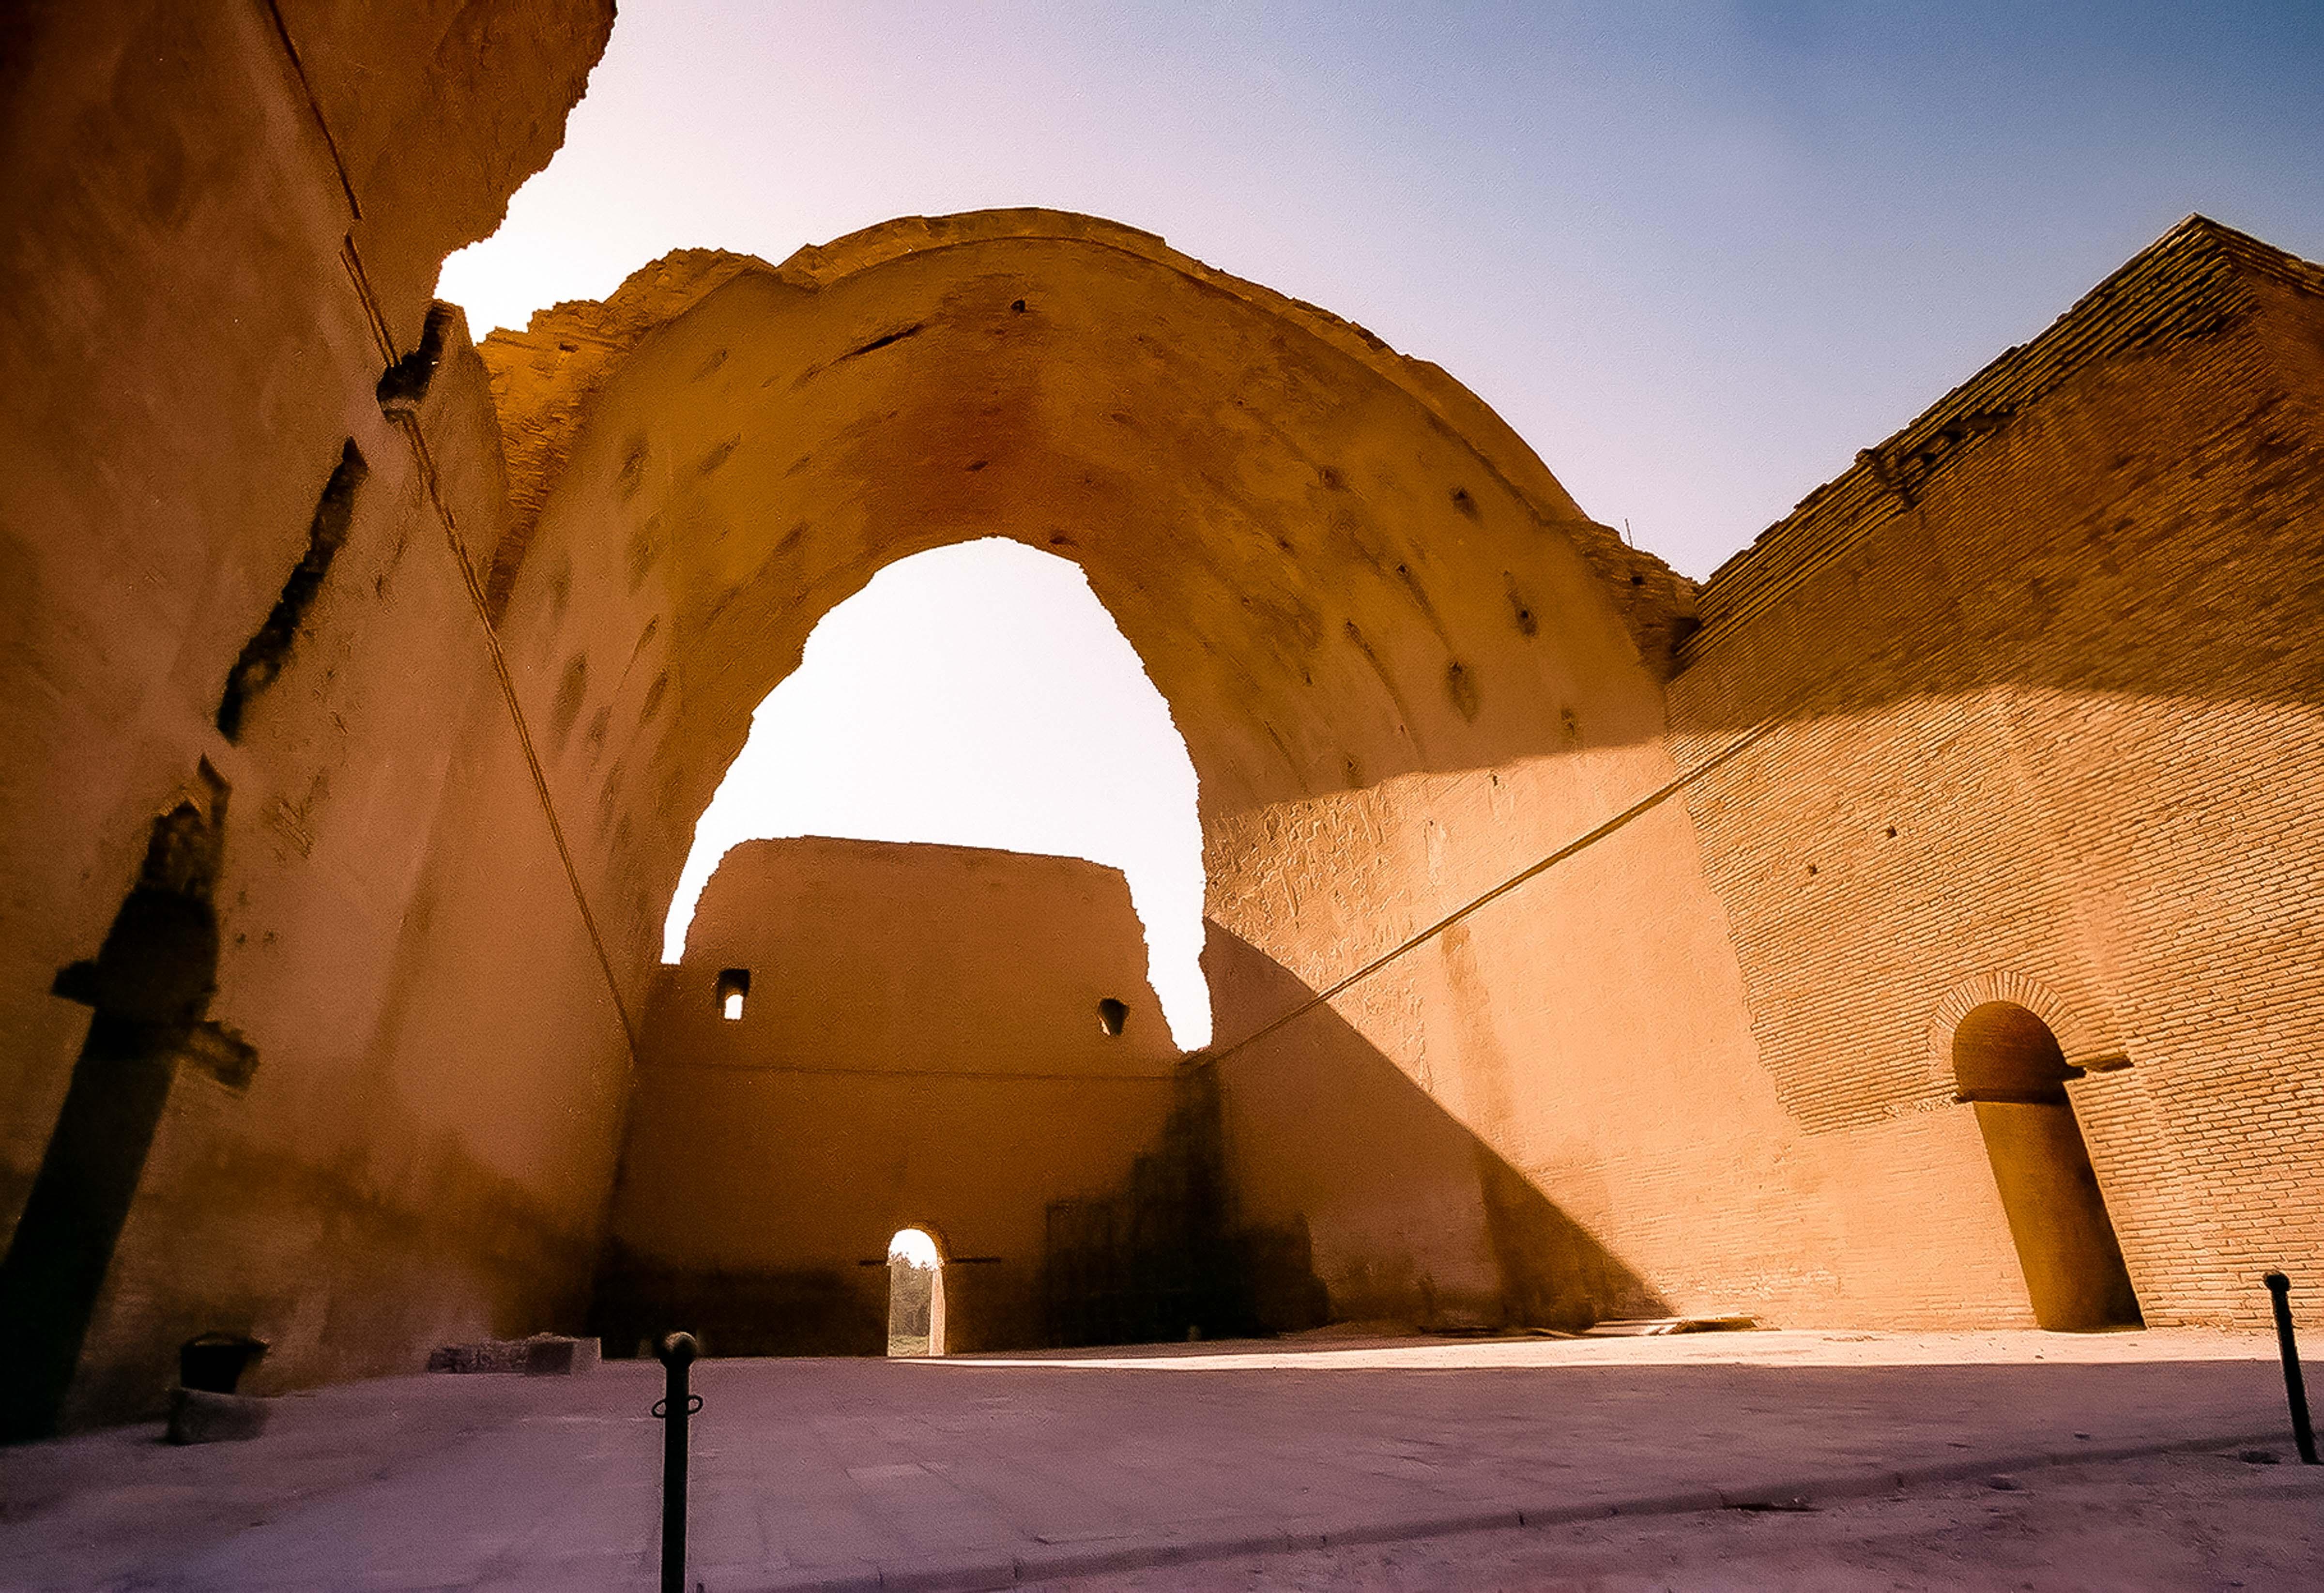 Iraq, Ctesiphon Arch, 2002